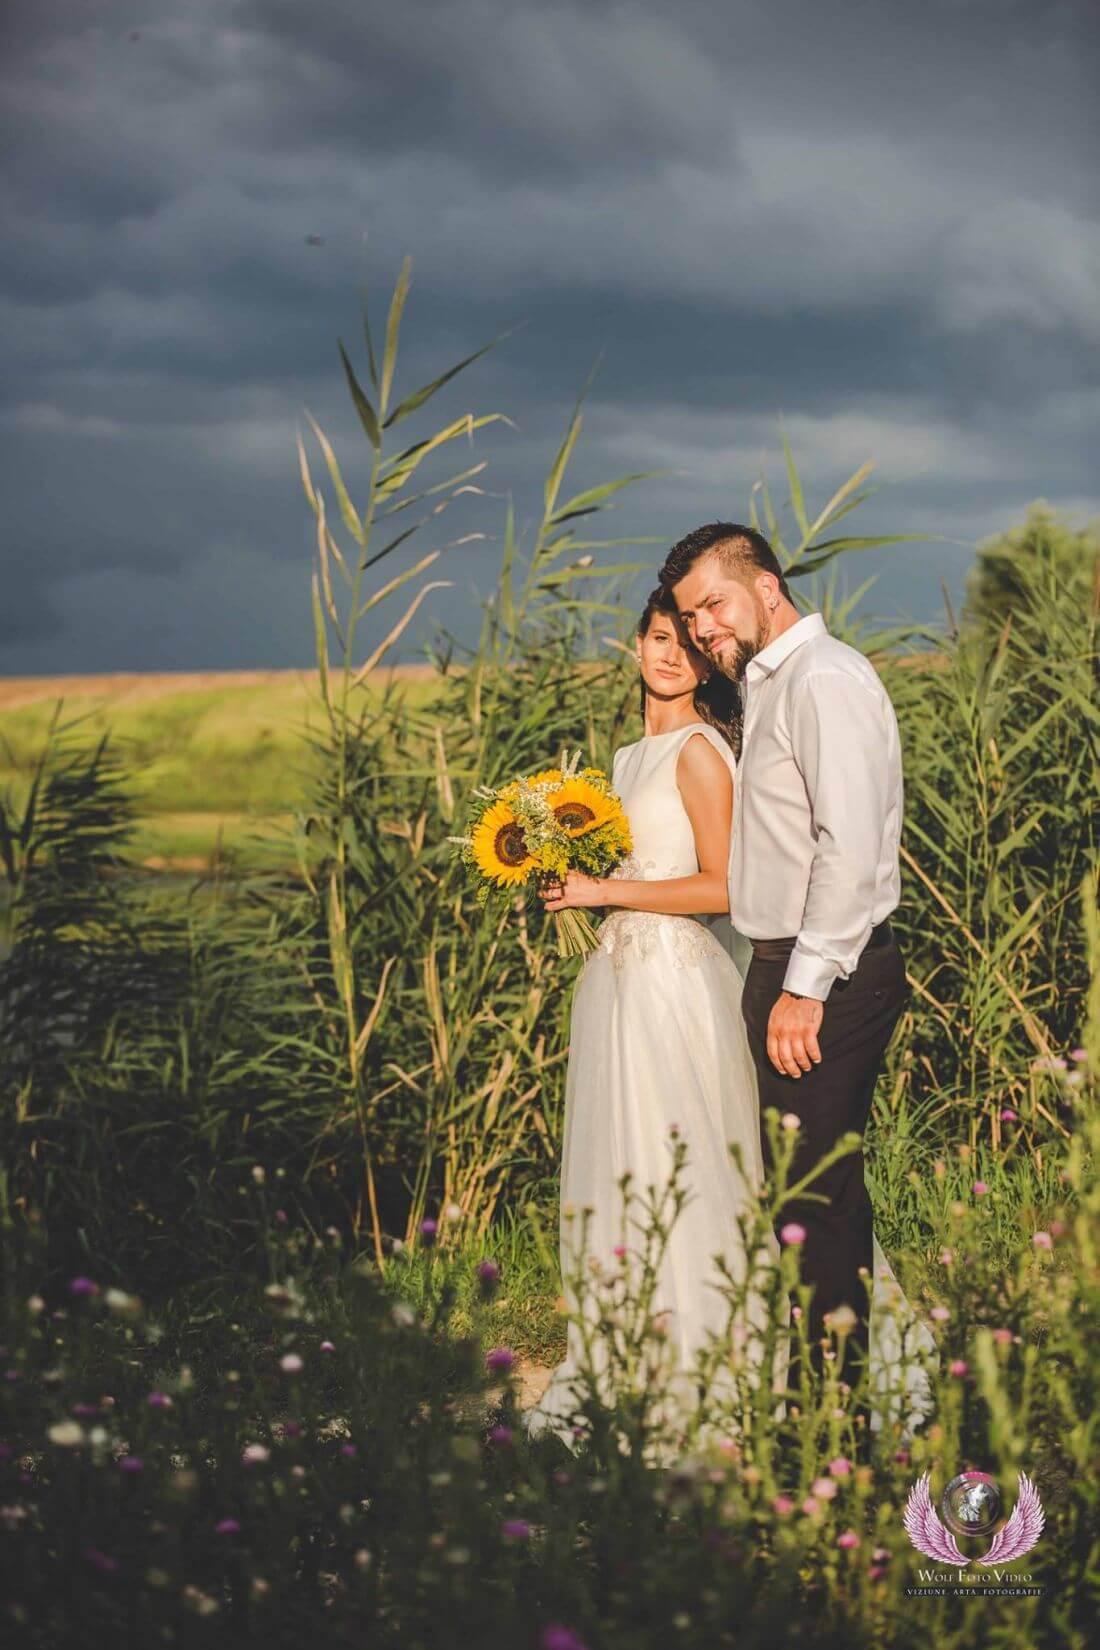 Nunta cu floarea soarelui – Cristina si Dan-IDO-Weddings-nuntiinaerliber (10)